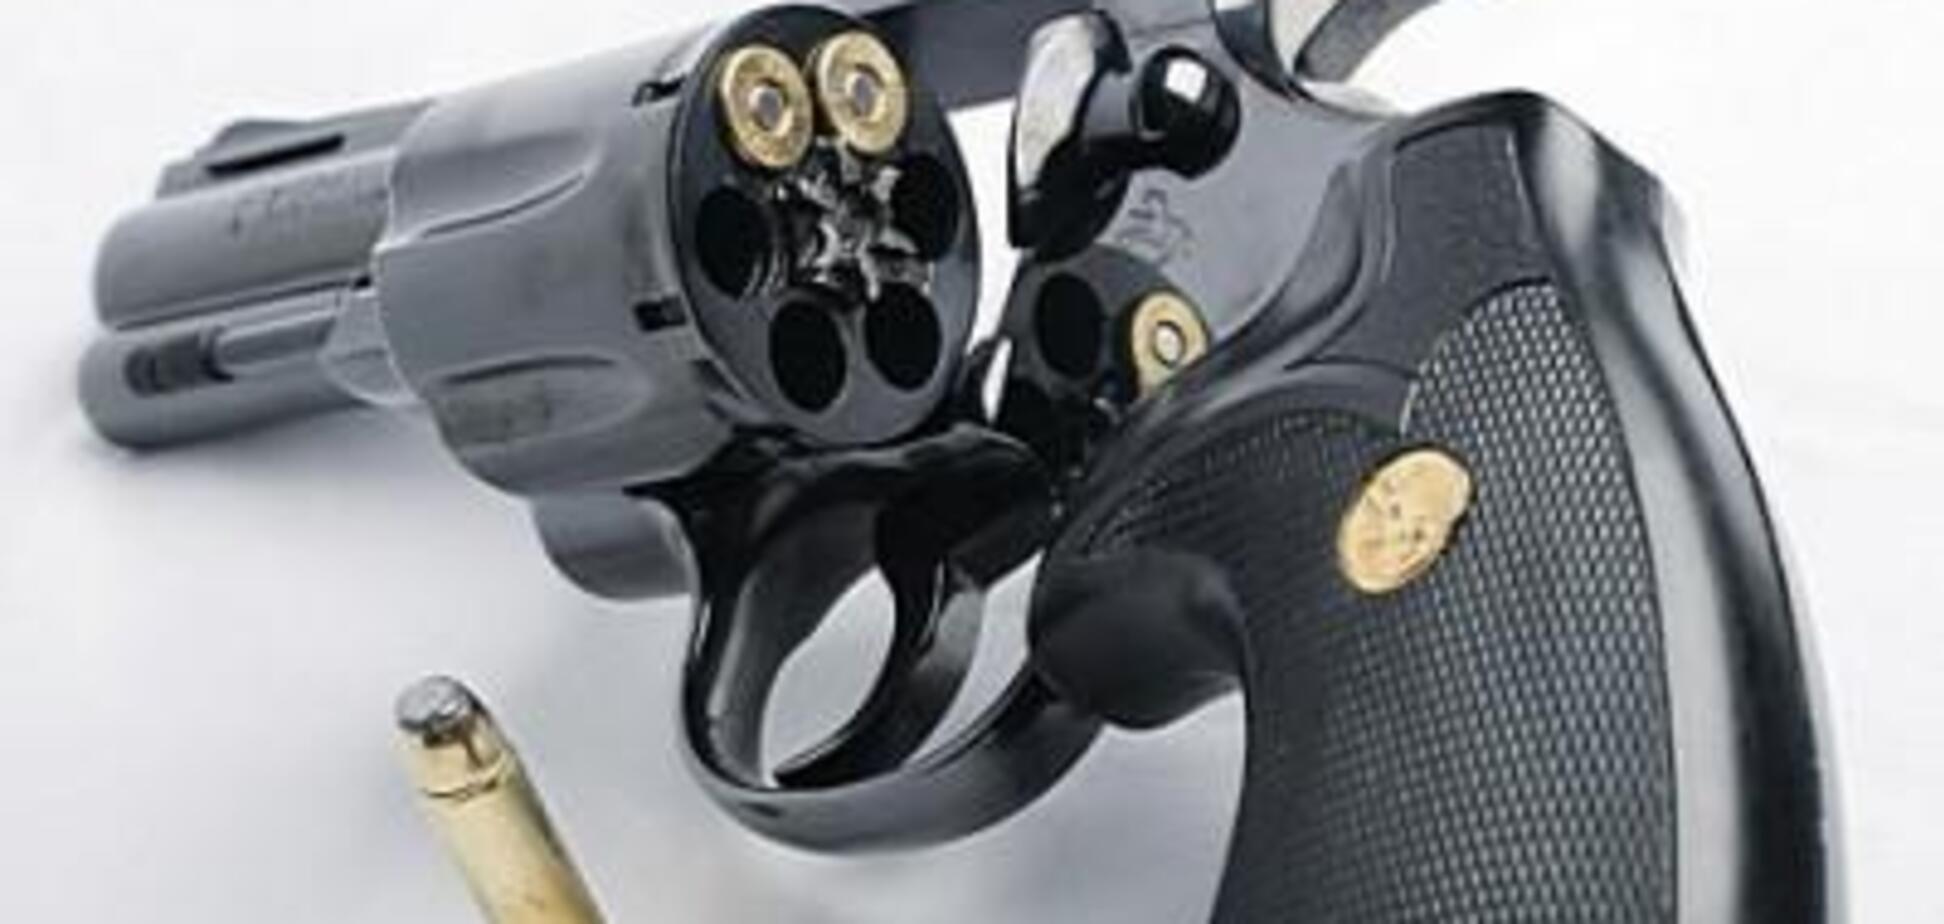 Важливі обставини, пов'язані зі зброєю, її застосуванням та правом на збройний захист